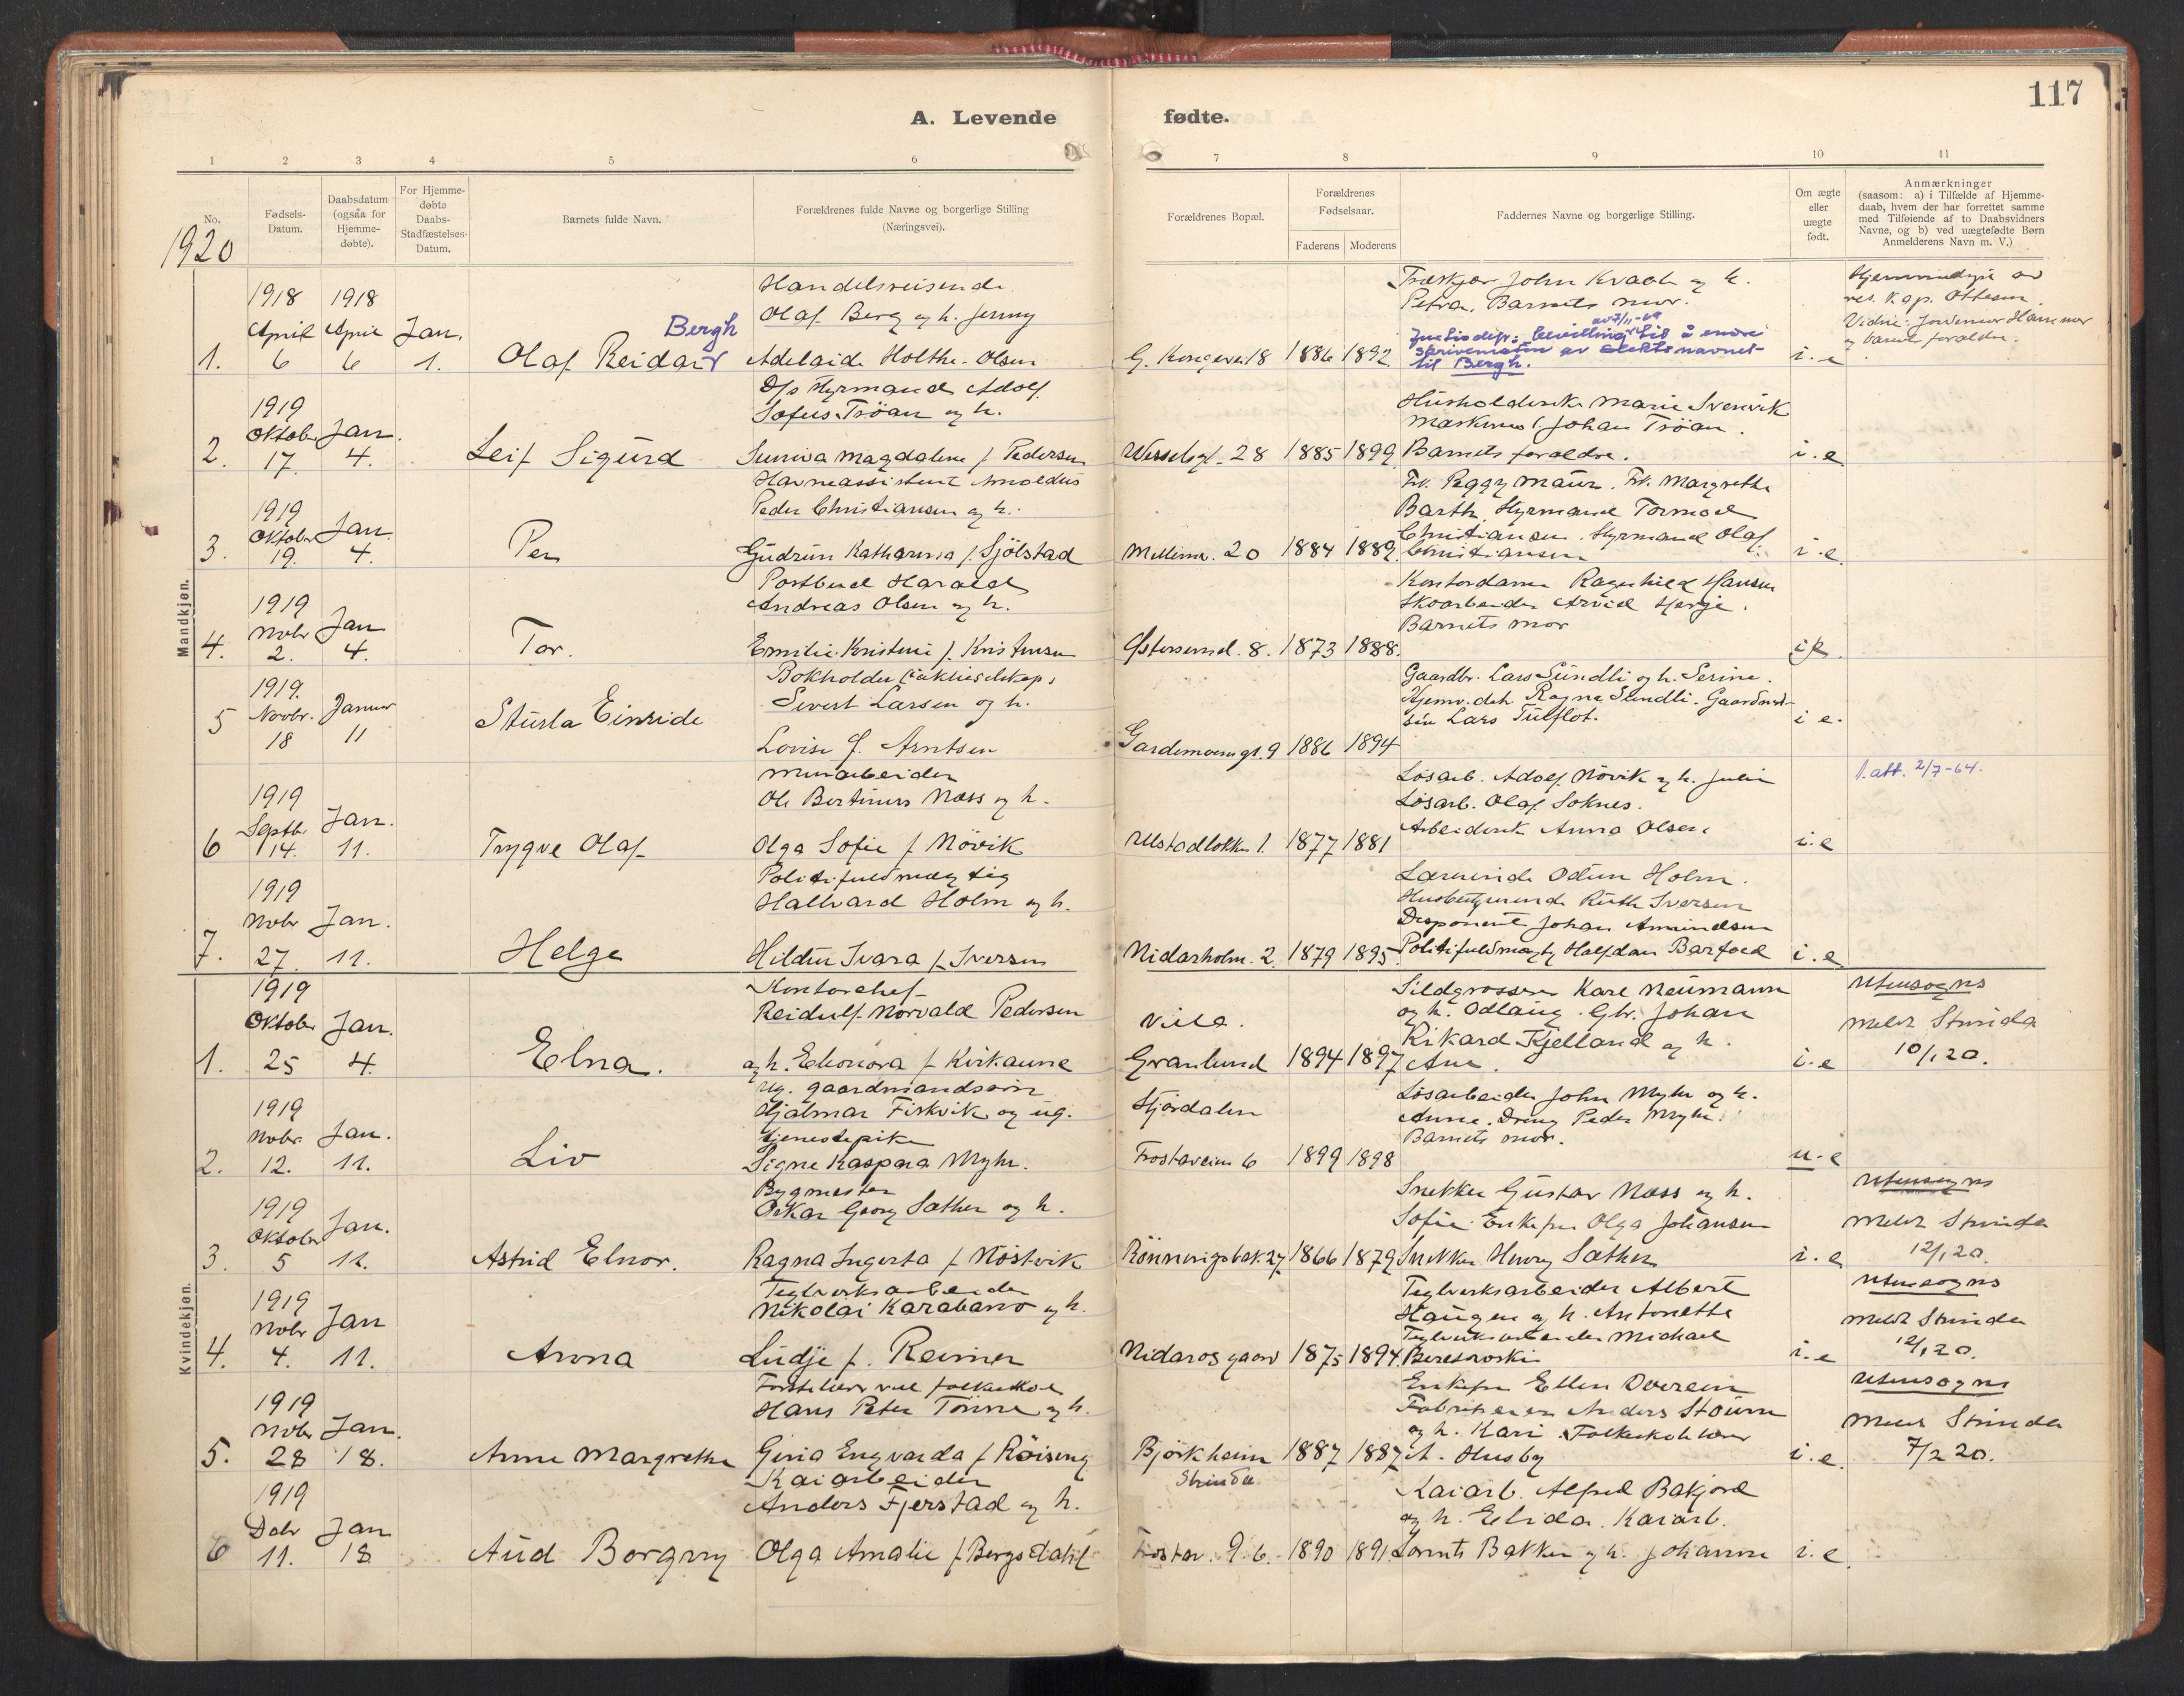 SAT, Ministerialprotokoller, klokkerbøker og fødselsregistre - Sør-Trøndelag, 605/L0246: Ministerialbok nr. 605A08, 1916-1920, s. 117